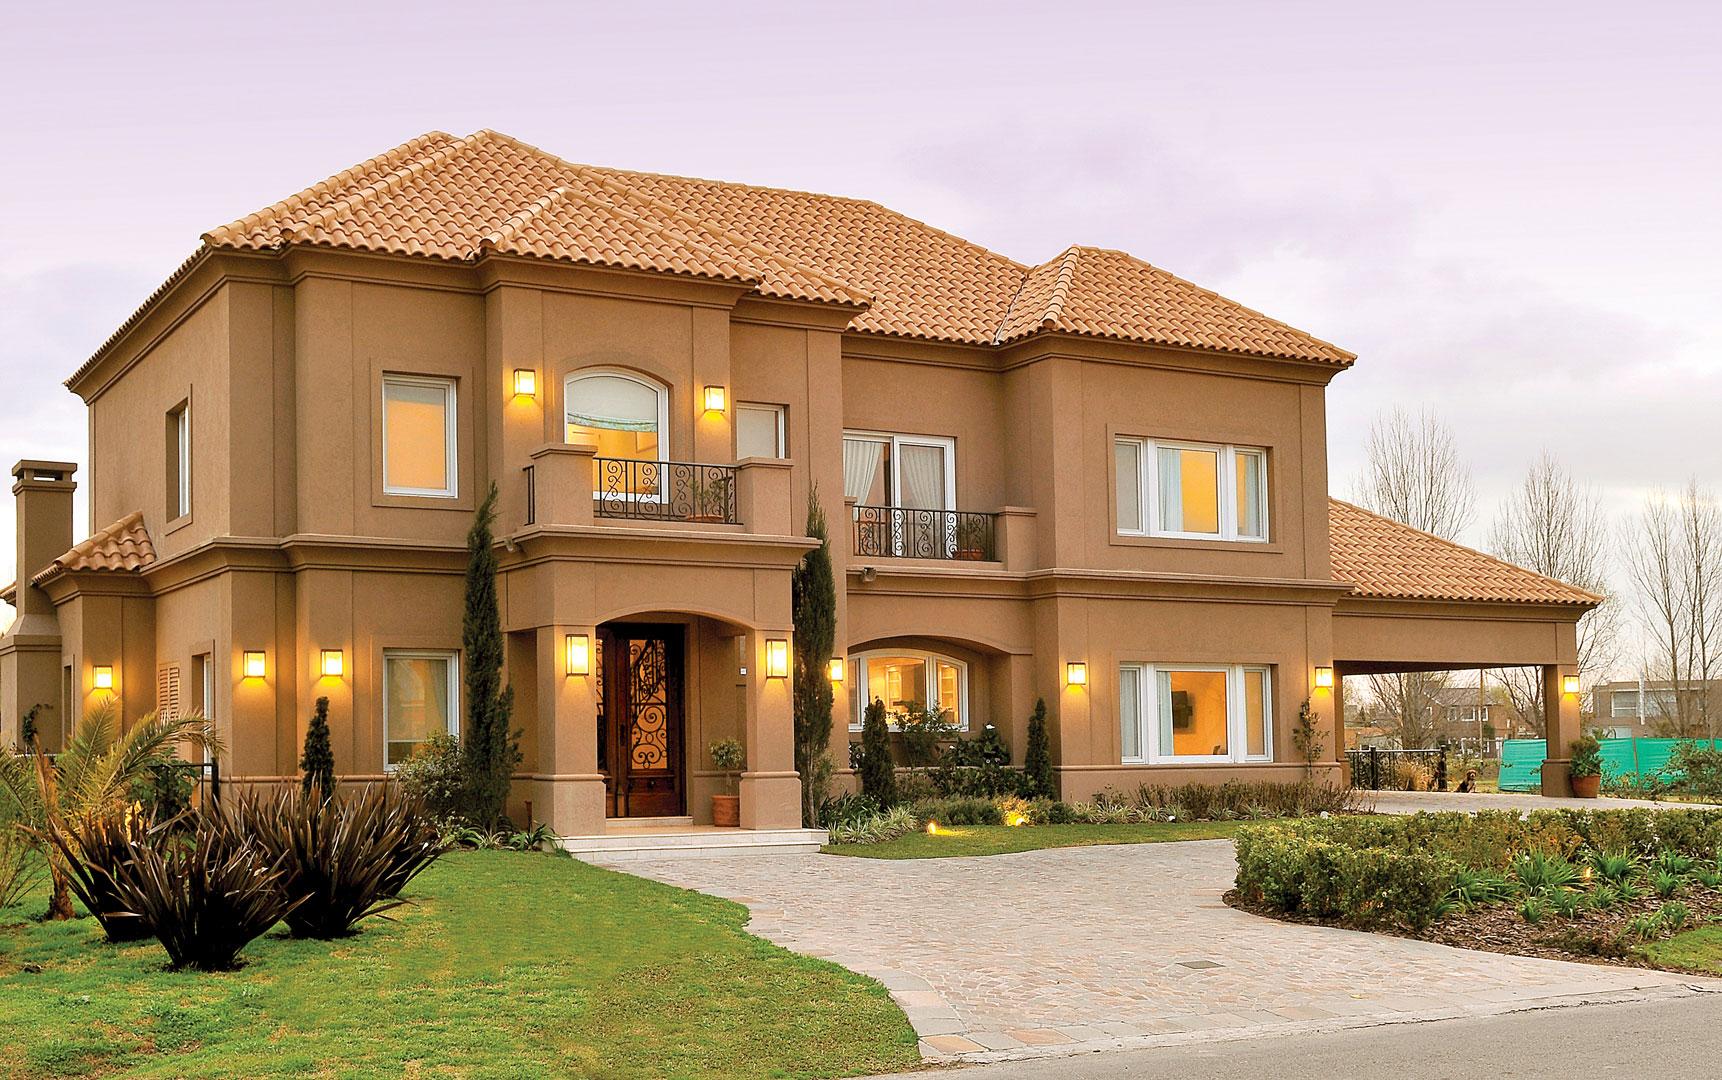 Fern ndez borda arquitectura casa 9 cl sica portal de for Casa clasica moderna interiores